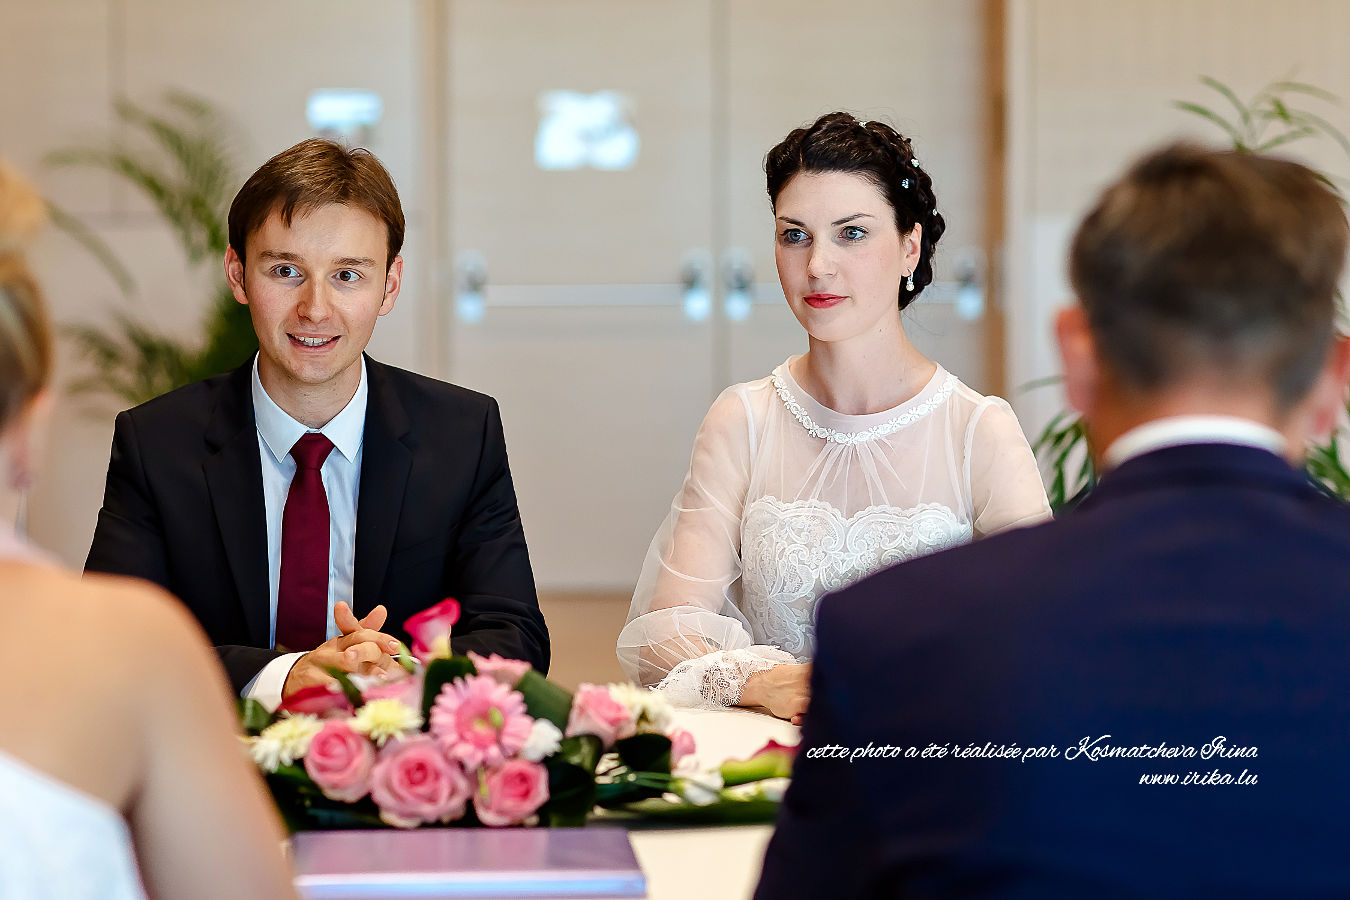 Le grand moment pour le couple